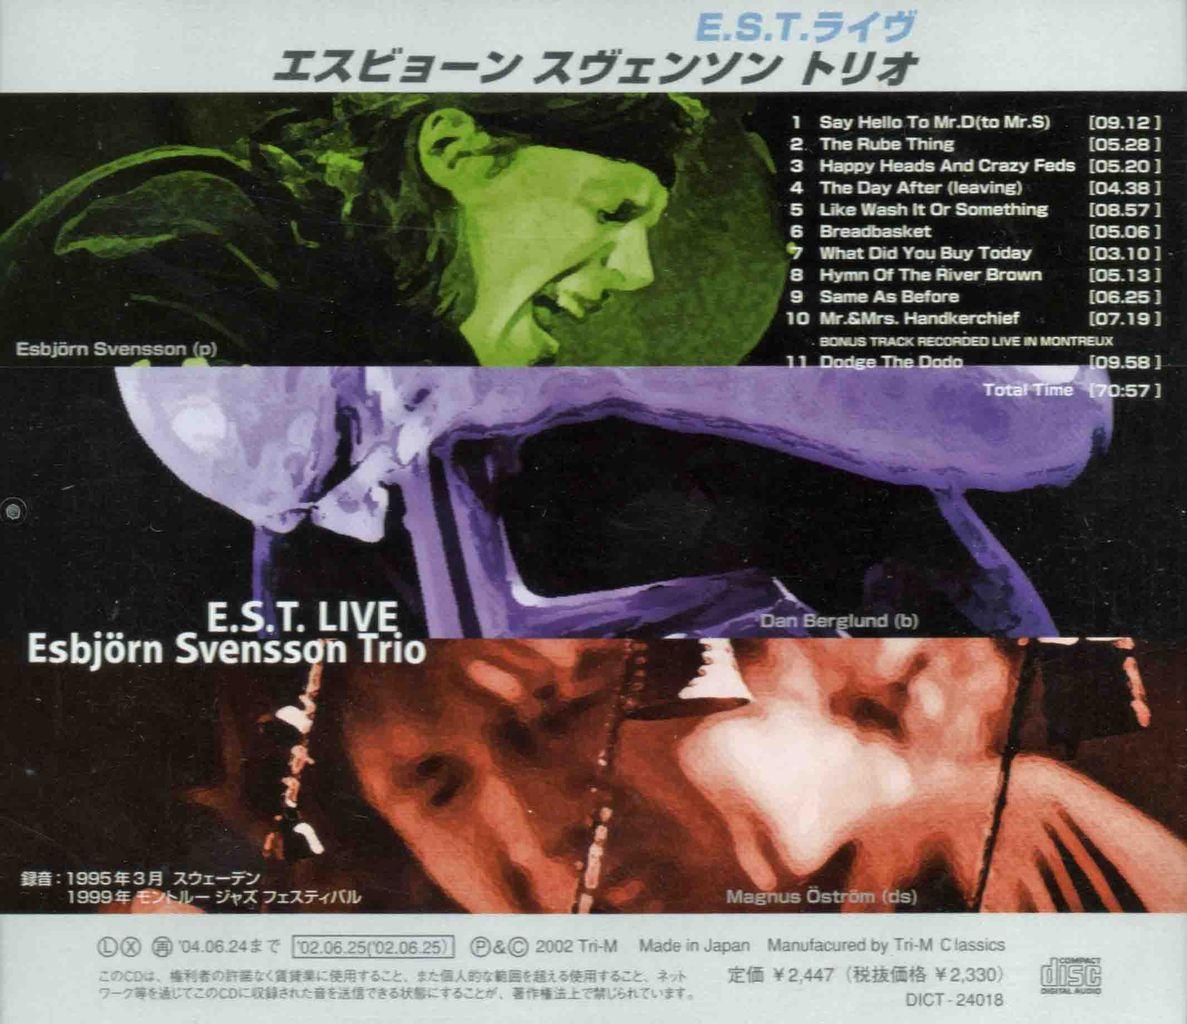 E.S.T. LIVE-2